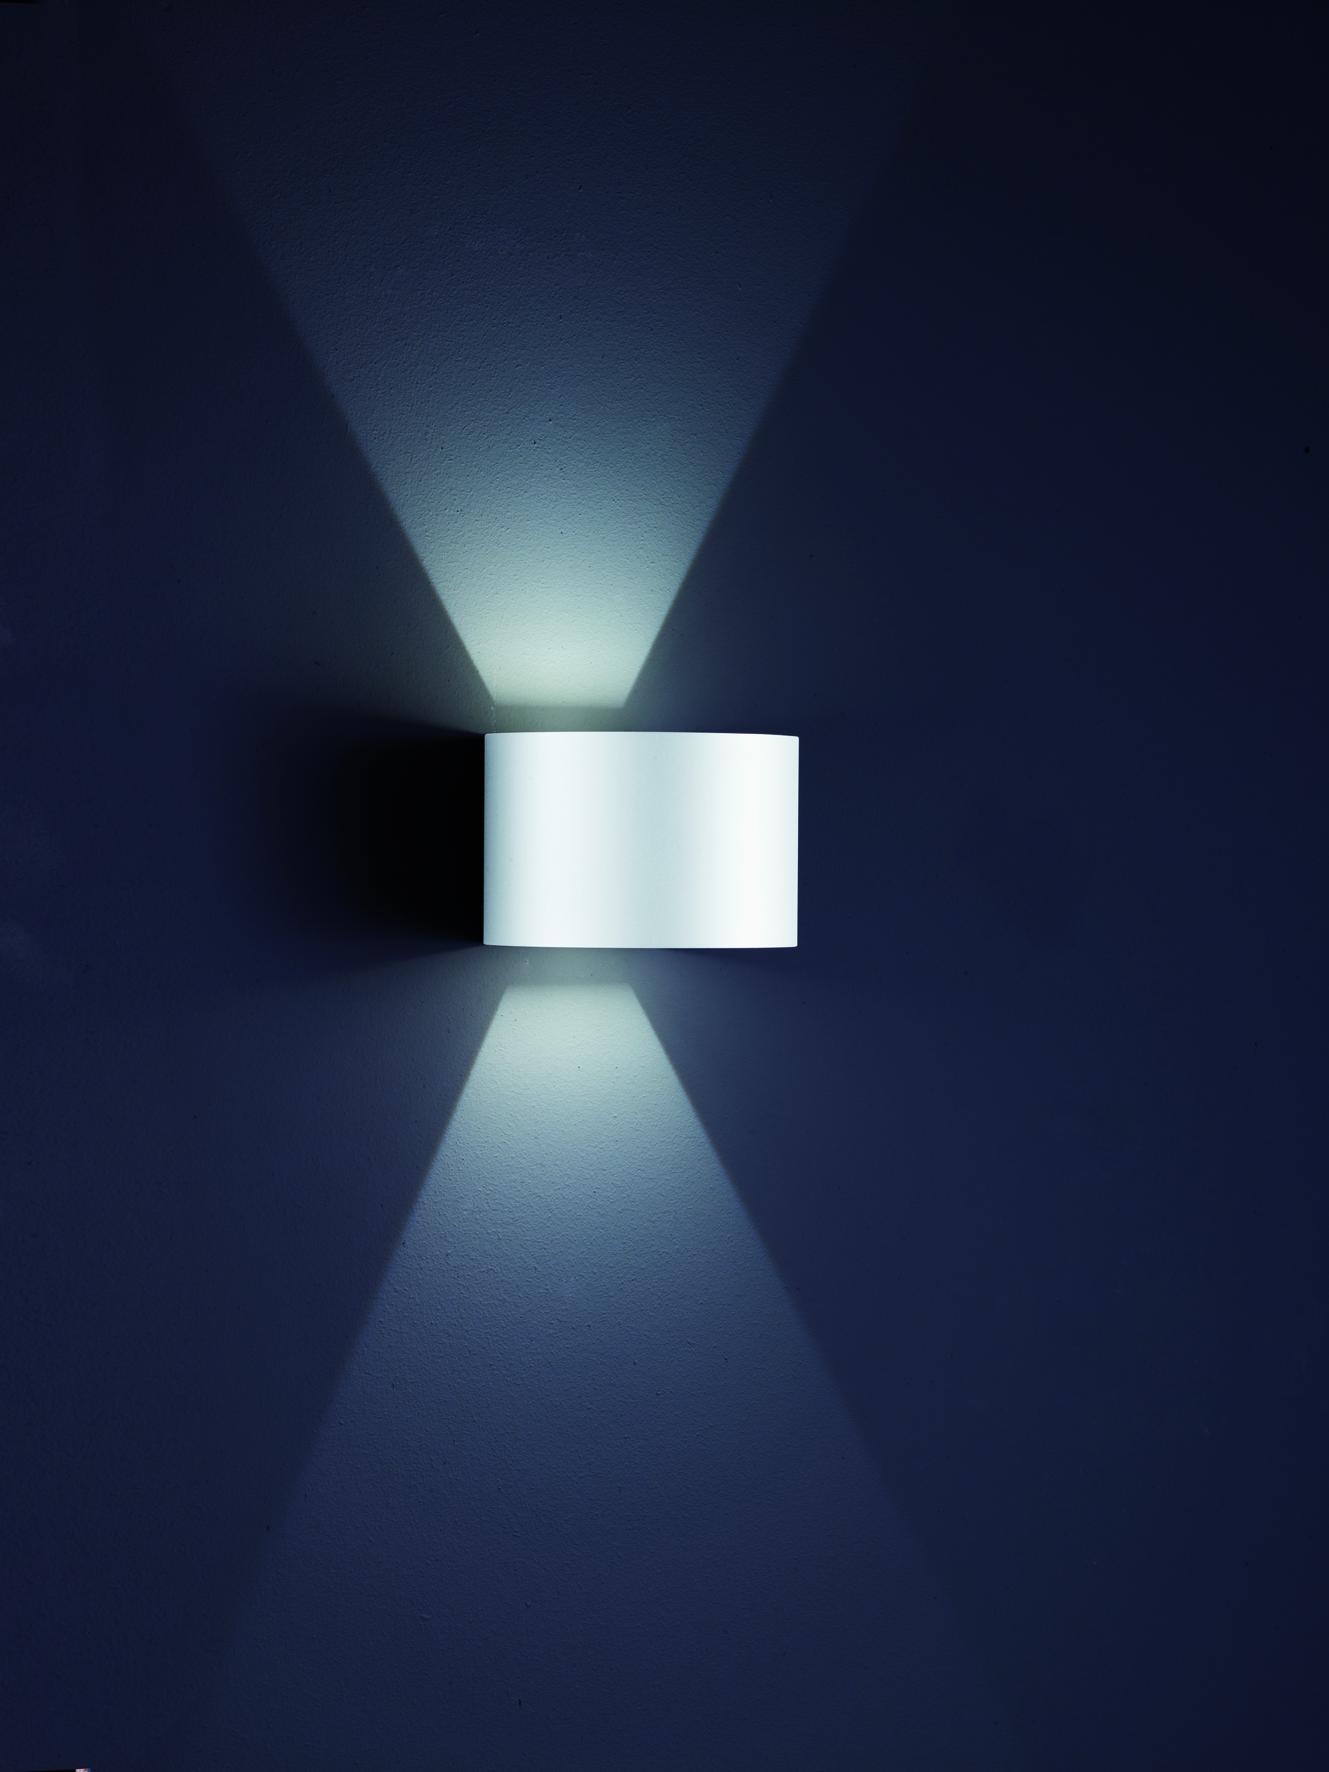 Wandleuchten von Helestra Leuchten SIRI 44 - R LED - Außenleuchte Wandleuchte Lichtaustritt verstellbar A28342.07